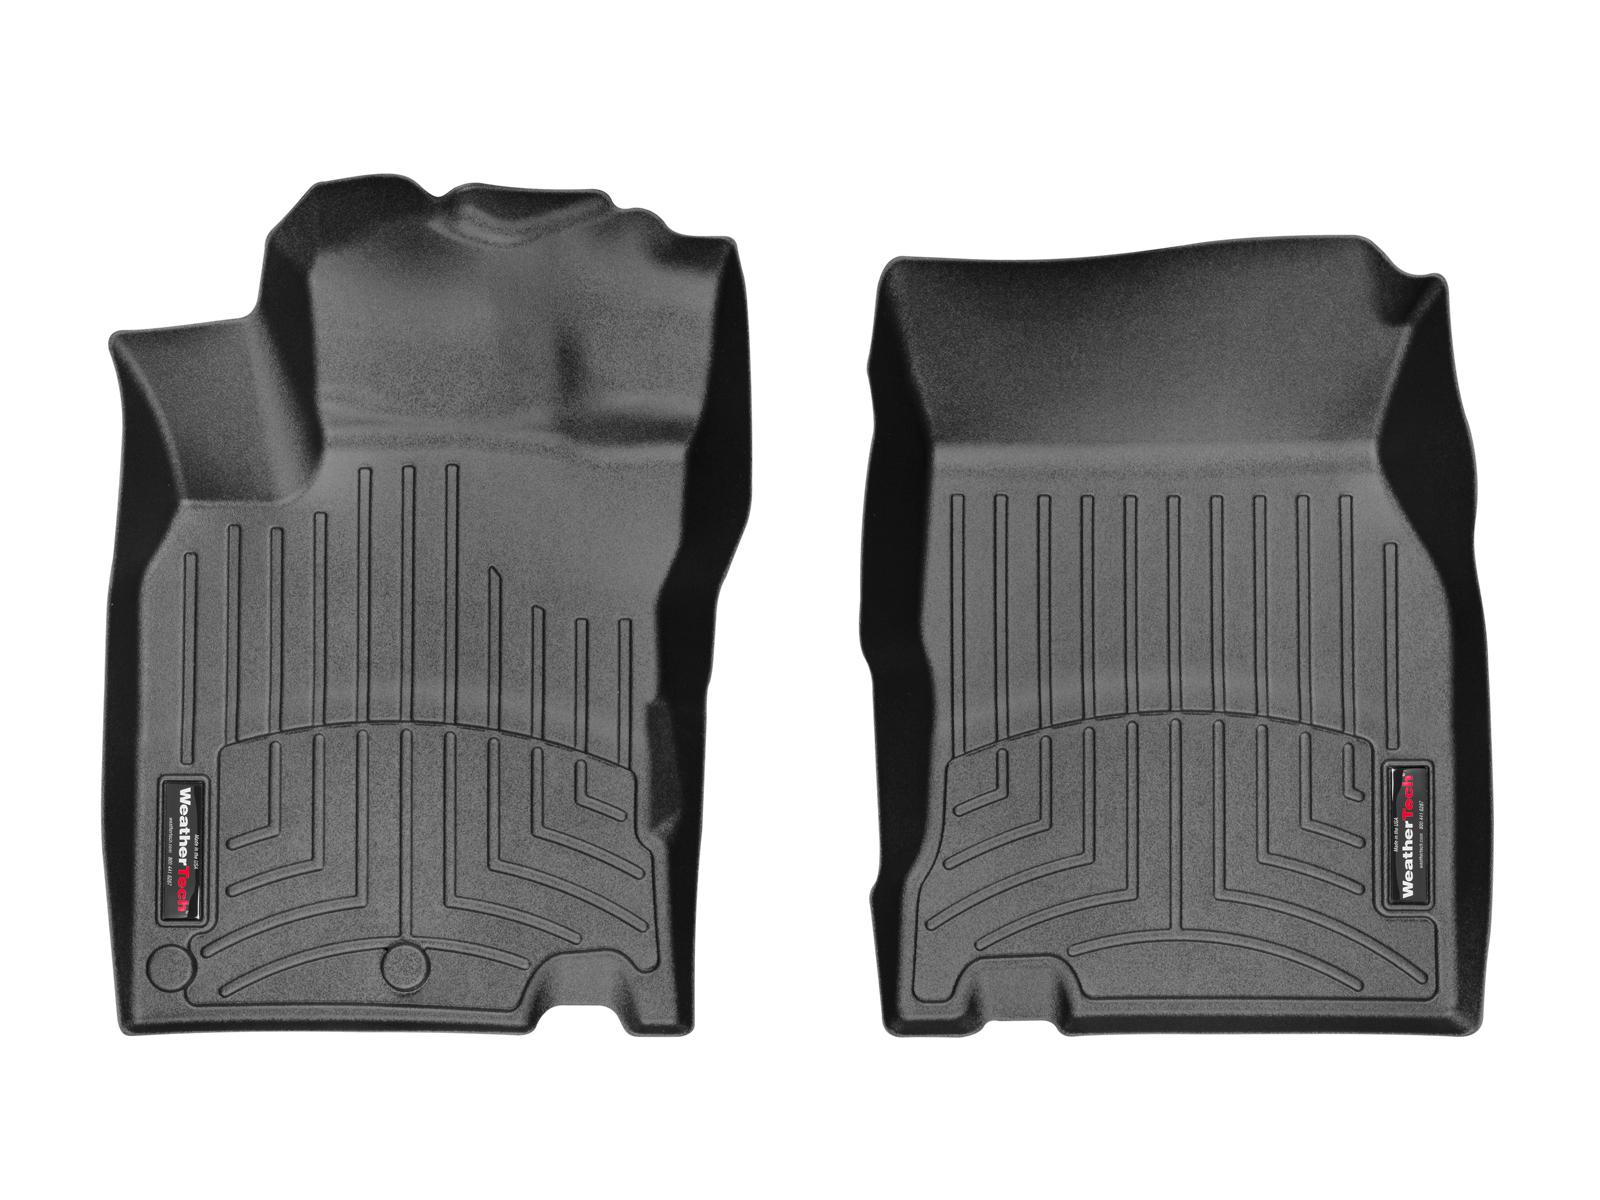 Tappeti gomma su misura bordo alto Nissan Qashqai 14>17 Nero A2917